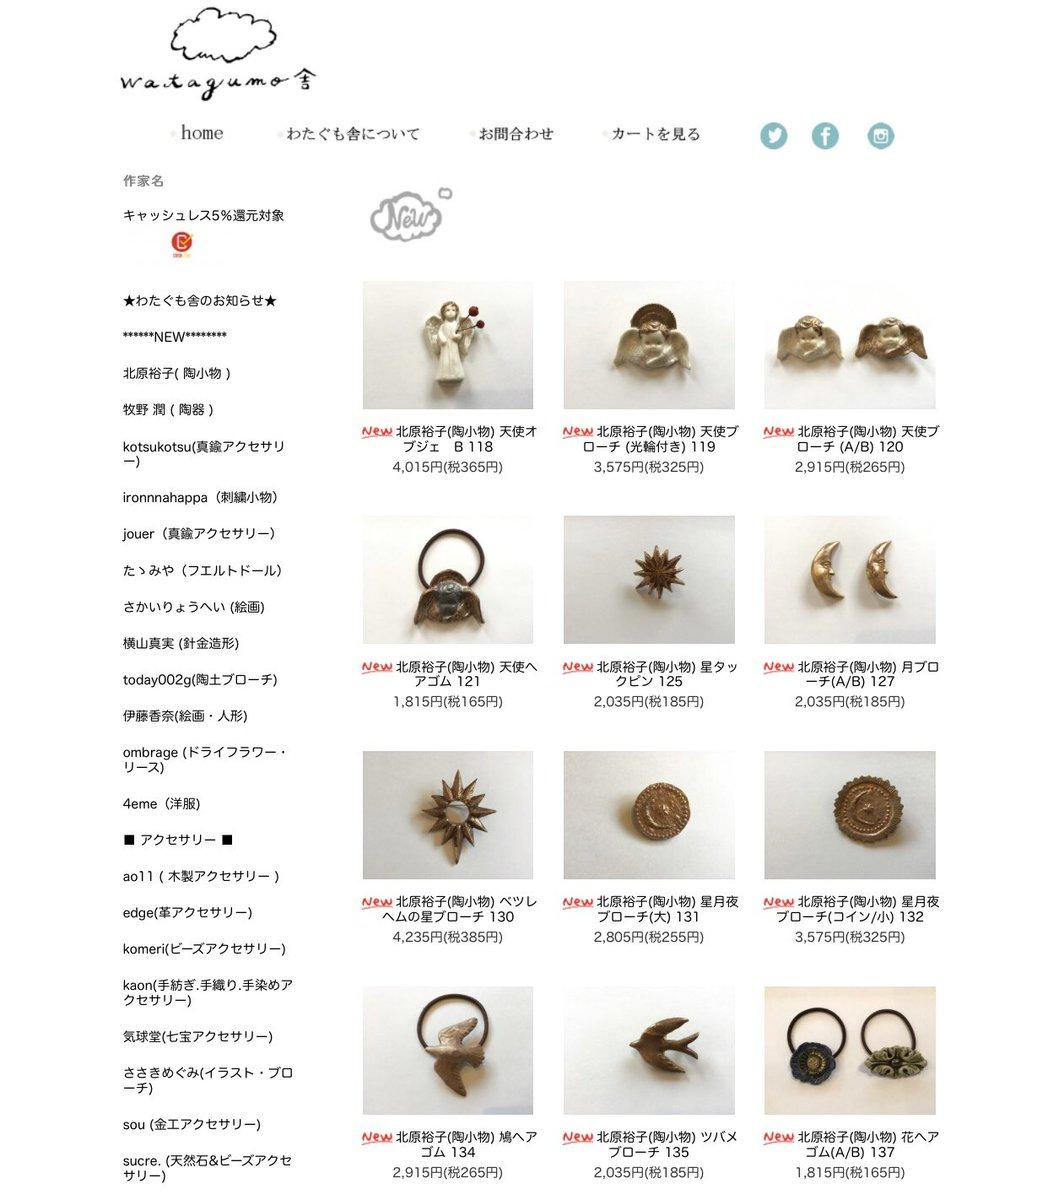 高松のわたぐも舎 @plumno_mado さんが私の作品をオンラインショップにUPしてくださいました👼✨ ありがとうございます🙇♀️💓💓💓 watagumosya.shop-pro.jp #watagumo舎 #わたぐも舎 #yukokitahara #天使のタカラモノ展